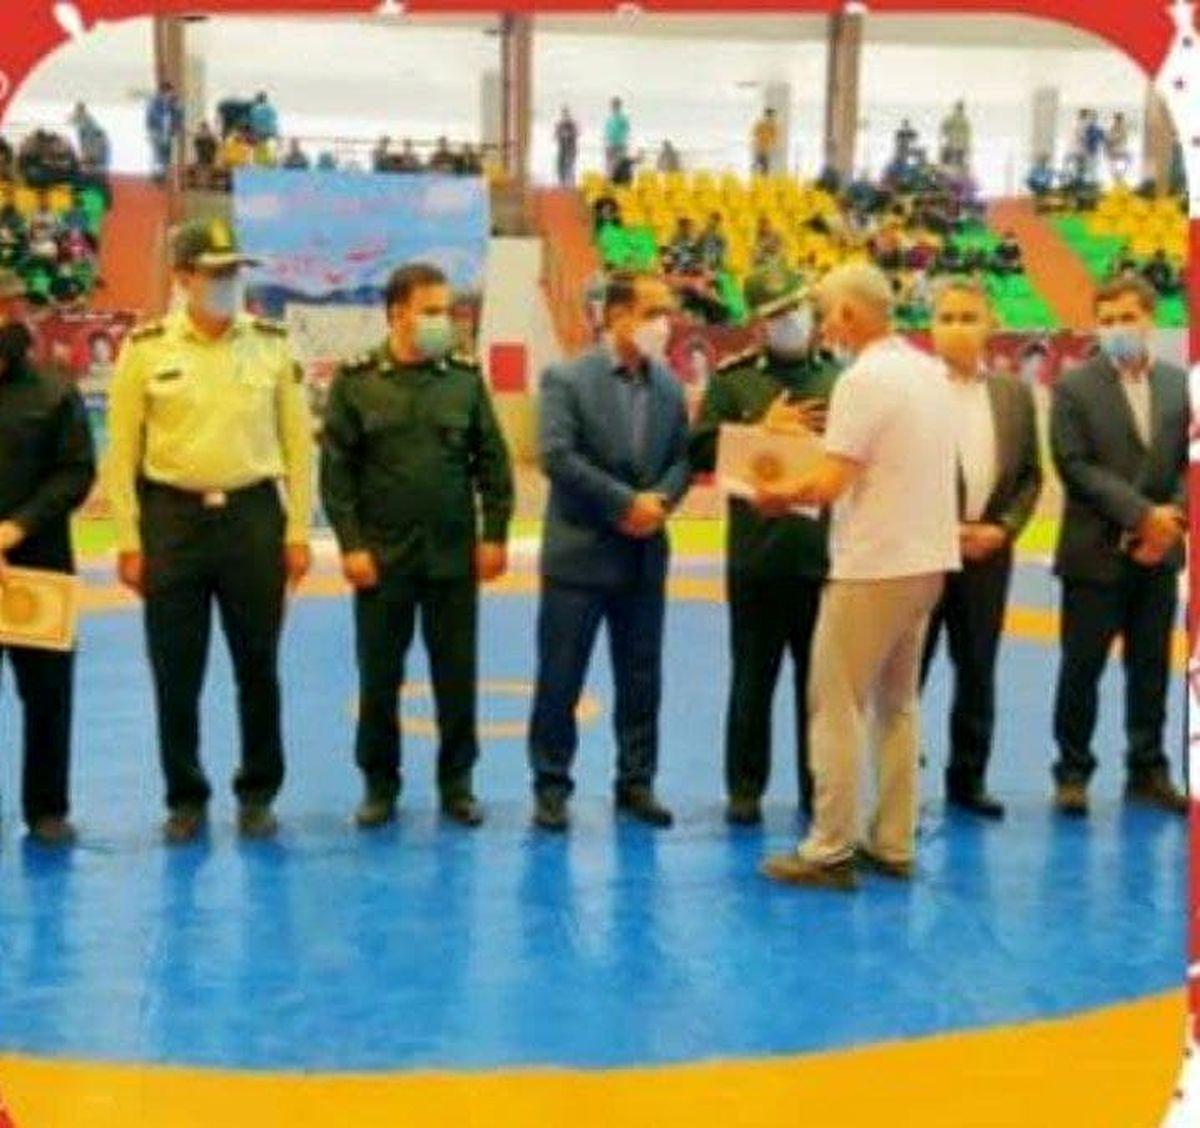 تجلیل از خانواده 15 شهید کشتی گیر الیگودرزی در مسابقات کشتی آزاد نونهالان کشور